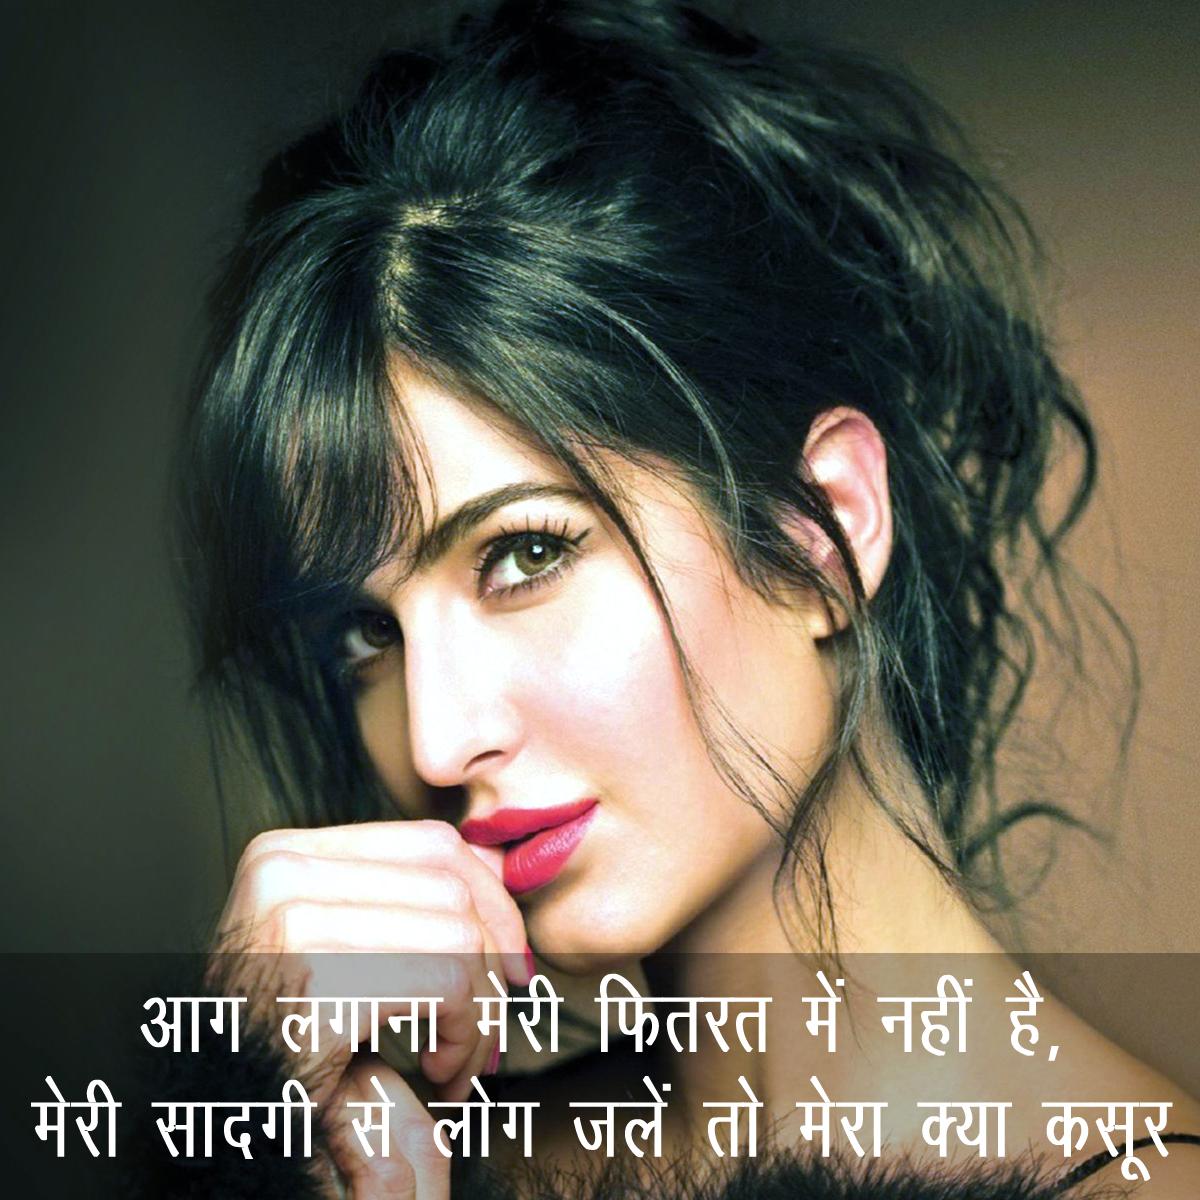 Whatsapp Status In Hindi Shayari   Whatsapp Status In Hindi